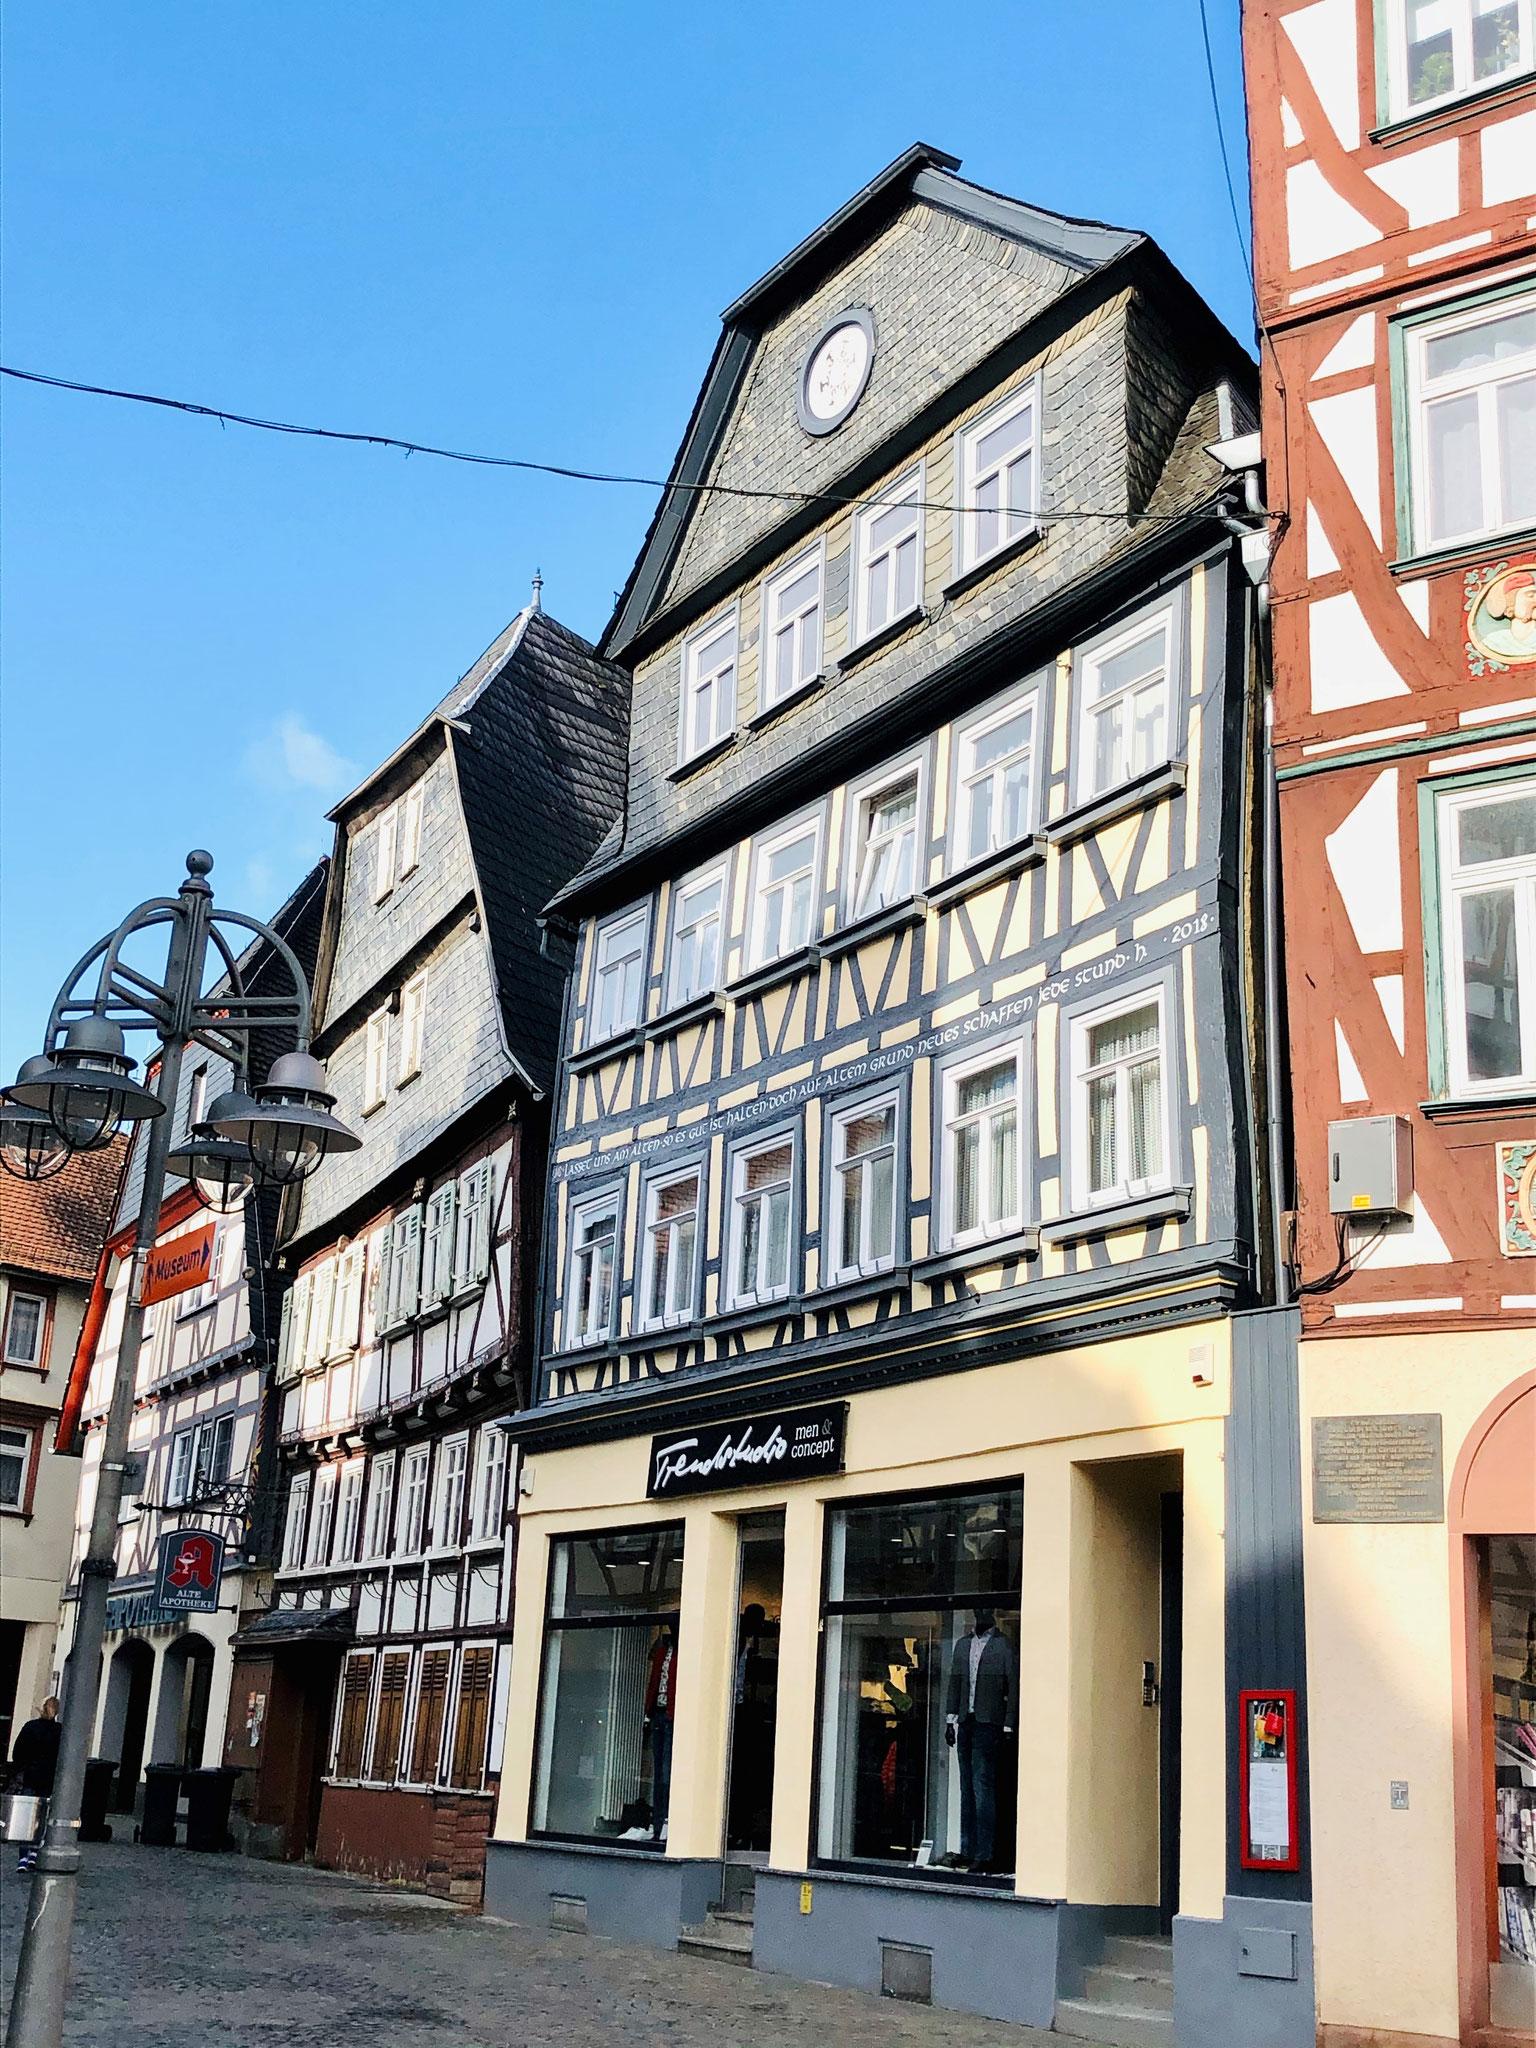 Mehrfamilienhaus in Butzbach - 4 Wohneinheiten und 1 Gewerbeeinheit